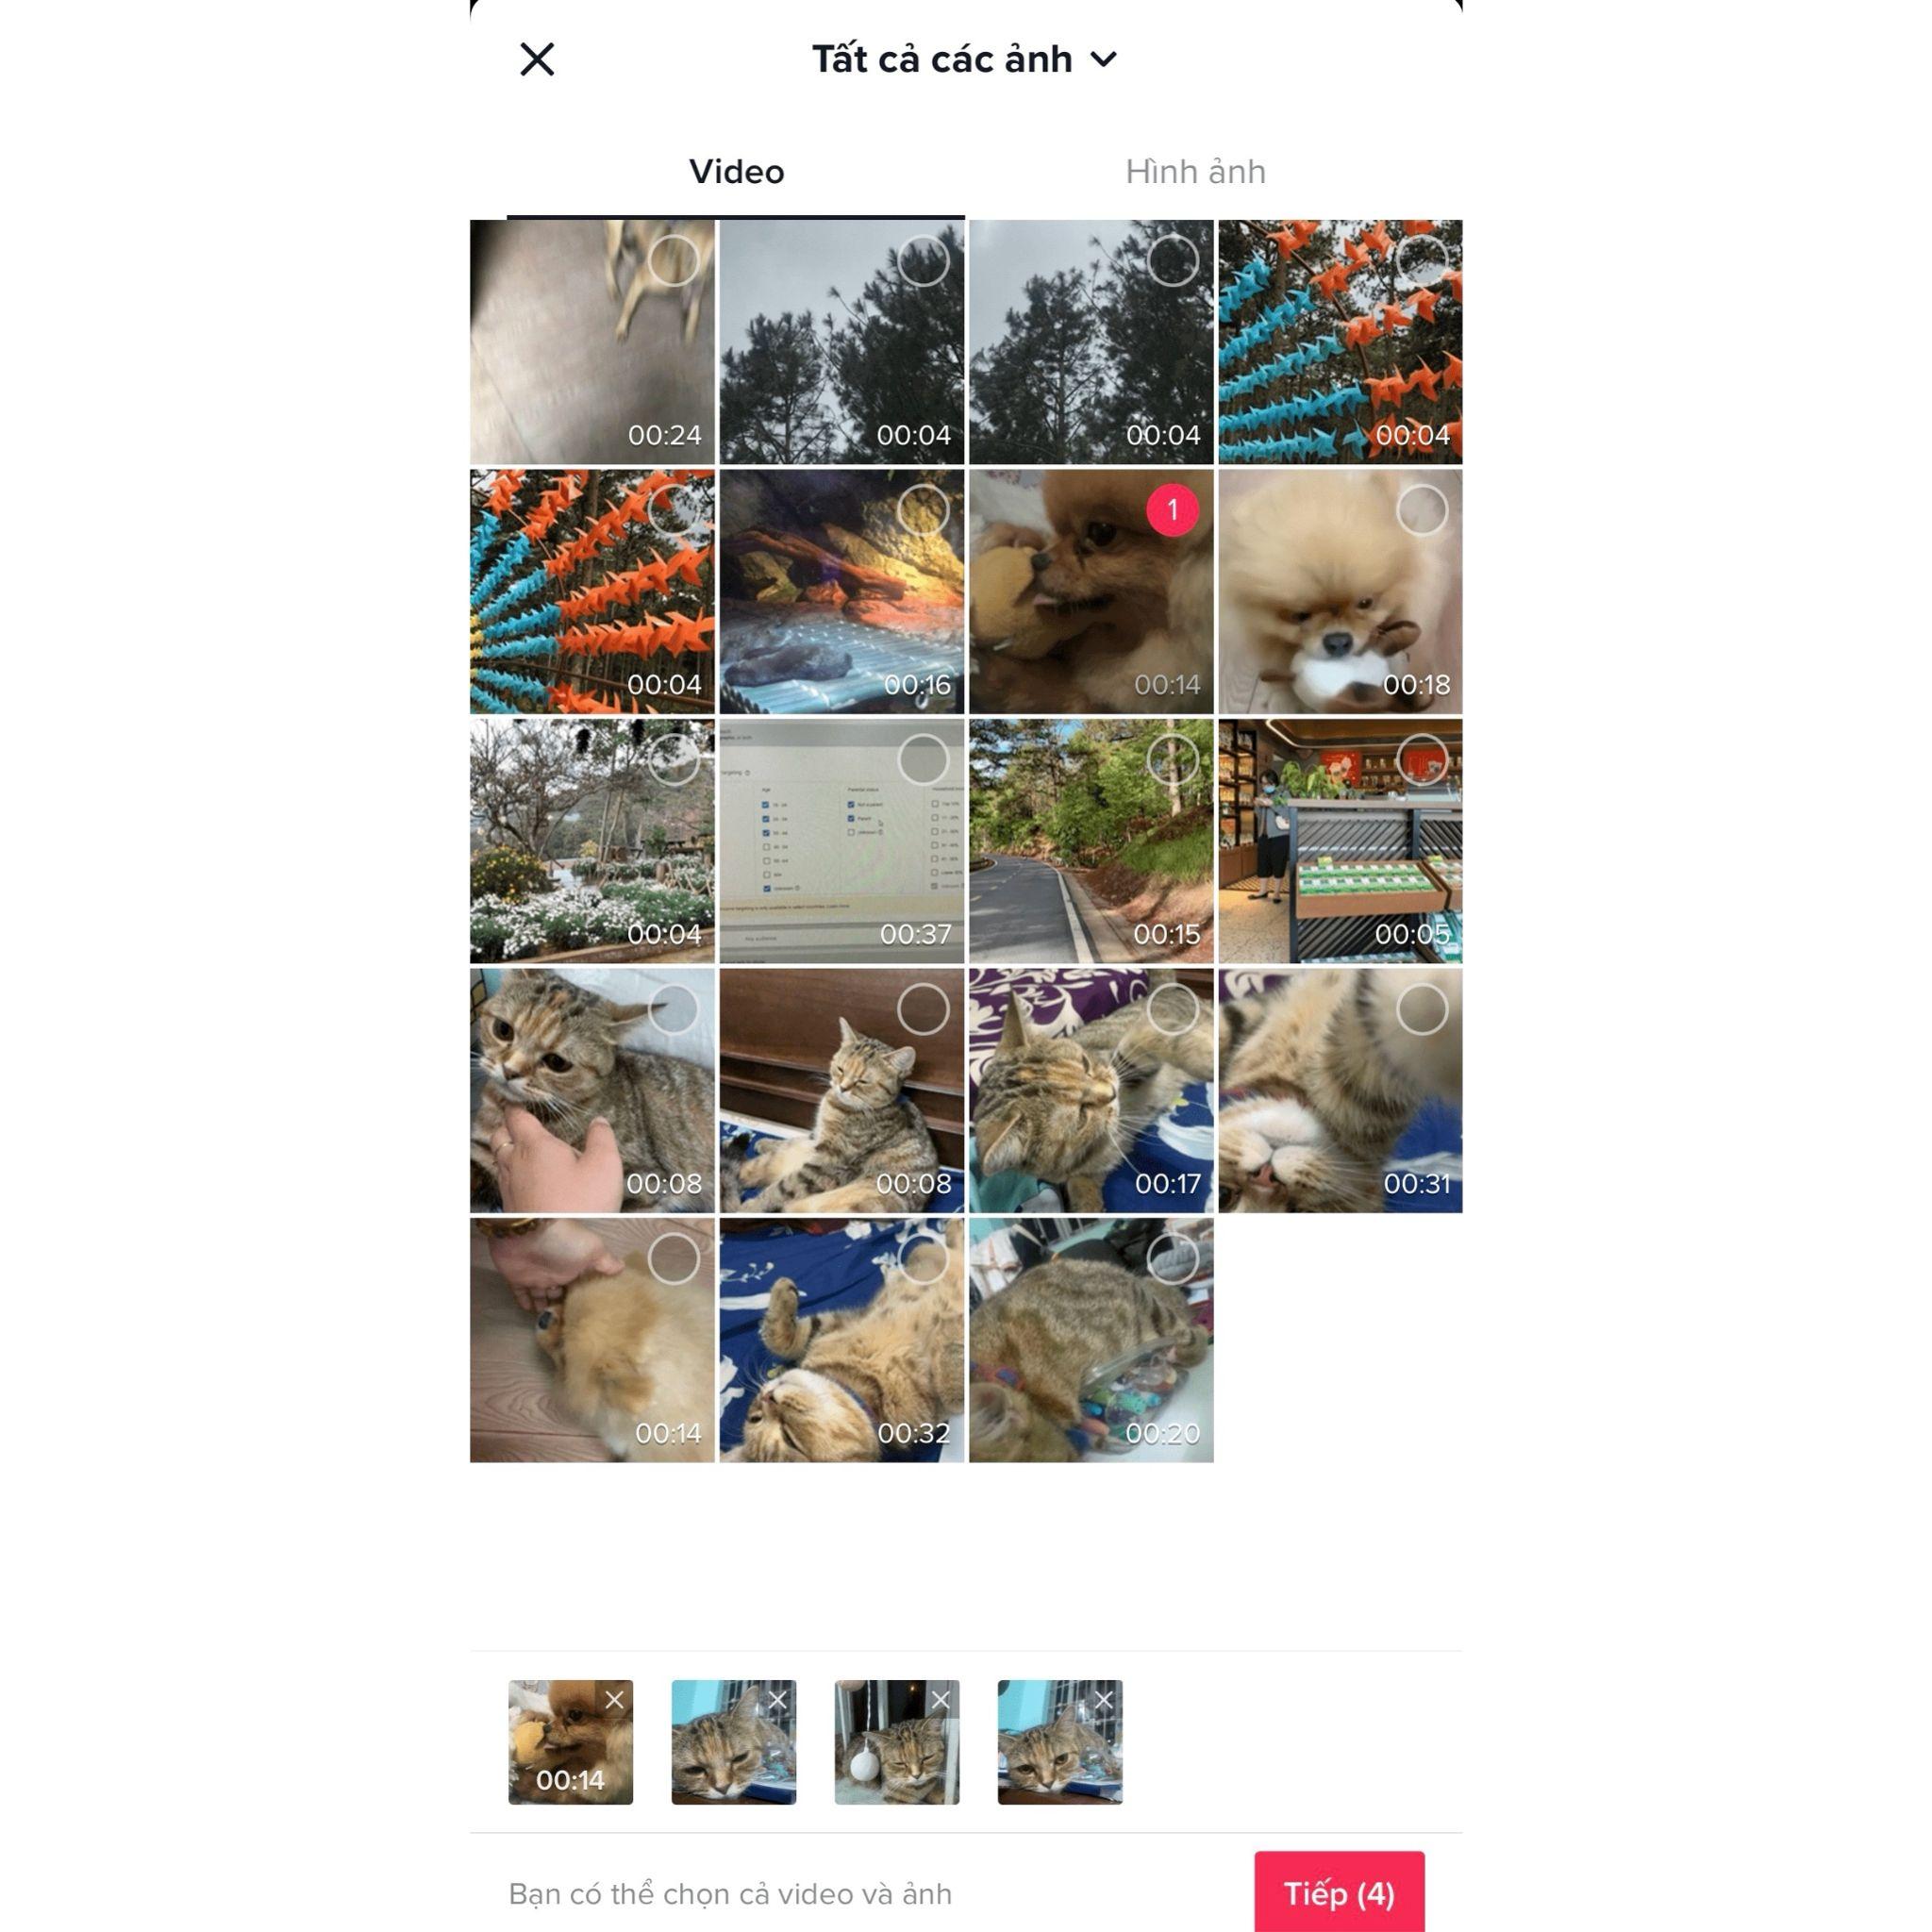 Cách ghép video ảnh trên tiktok trực tiếp trong ứng dụng